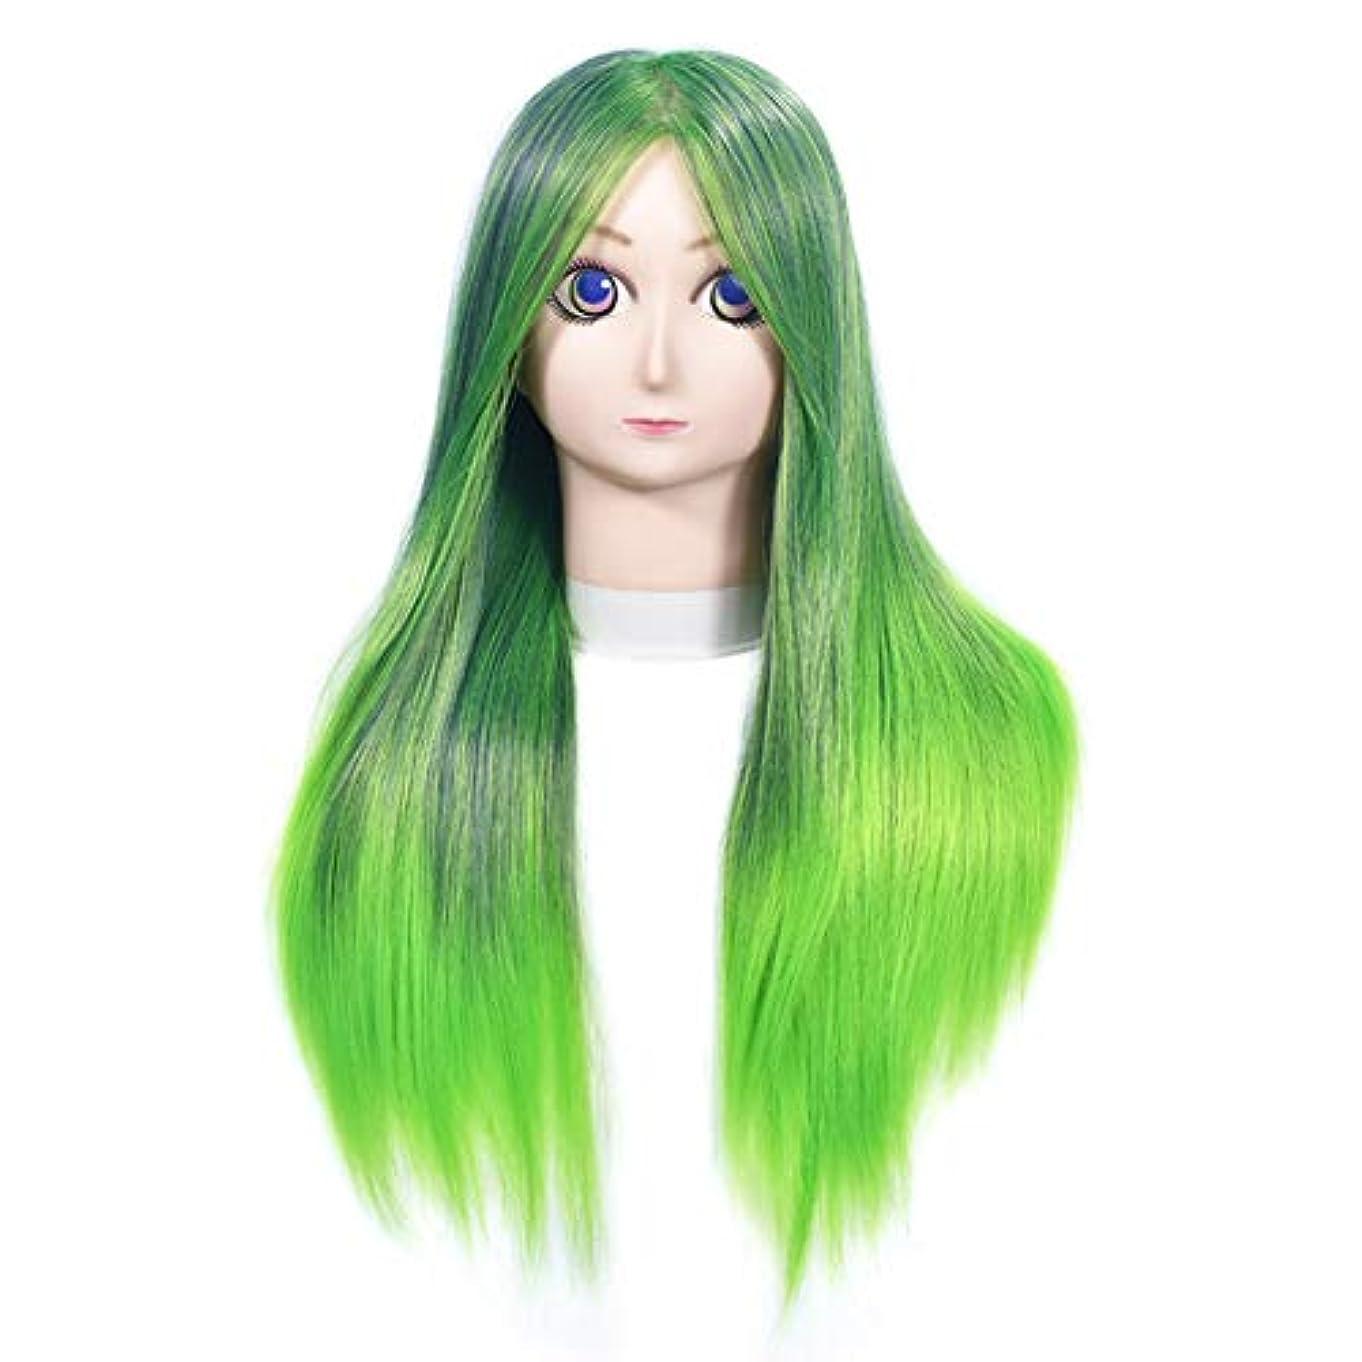 センサーチャーター素晴らしい高温シルクヘアスタイリングモデルヘッド女性モデルヘッドティーチングヘッド理髪店編組髪染め学習ダミーヘッド,gradientgreen